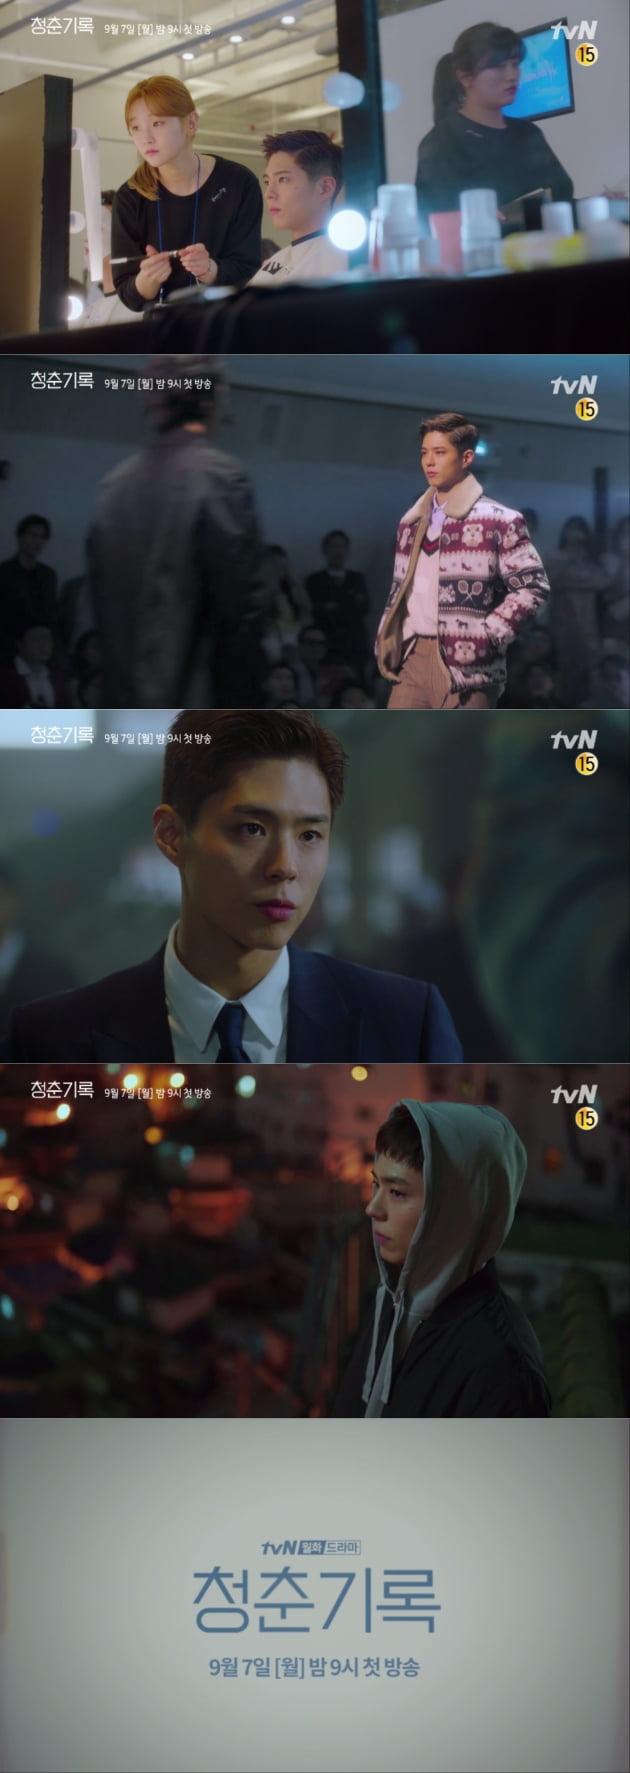 '청춘기록' 2차 티저/ 사진=tvN 제공